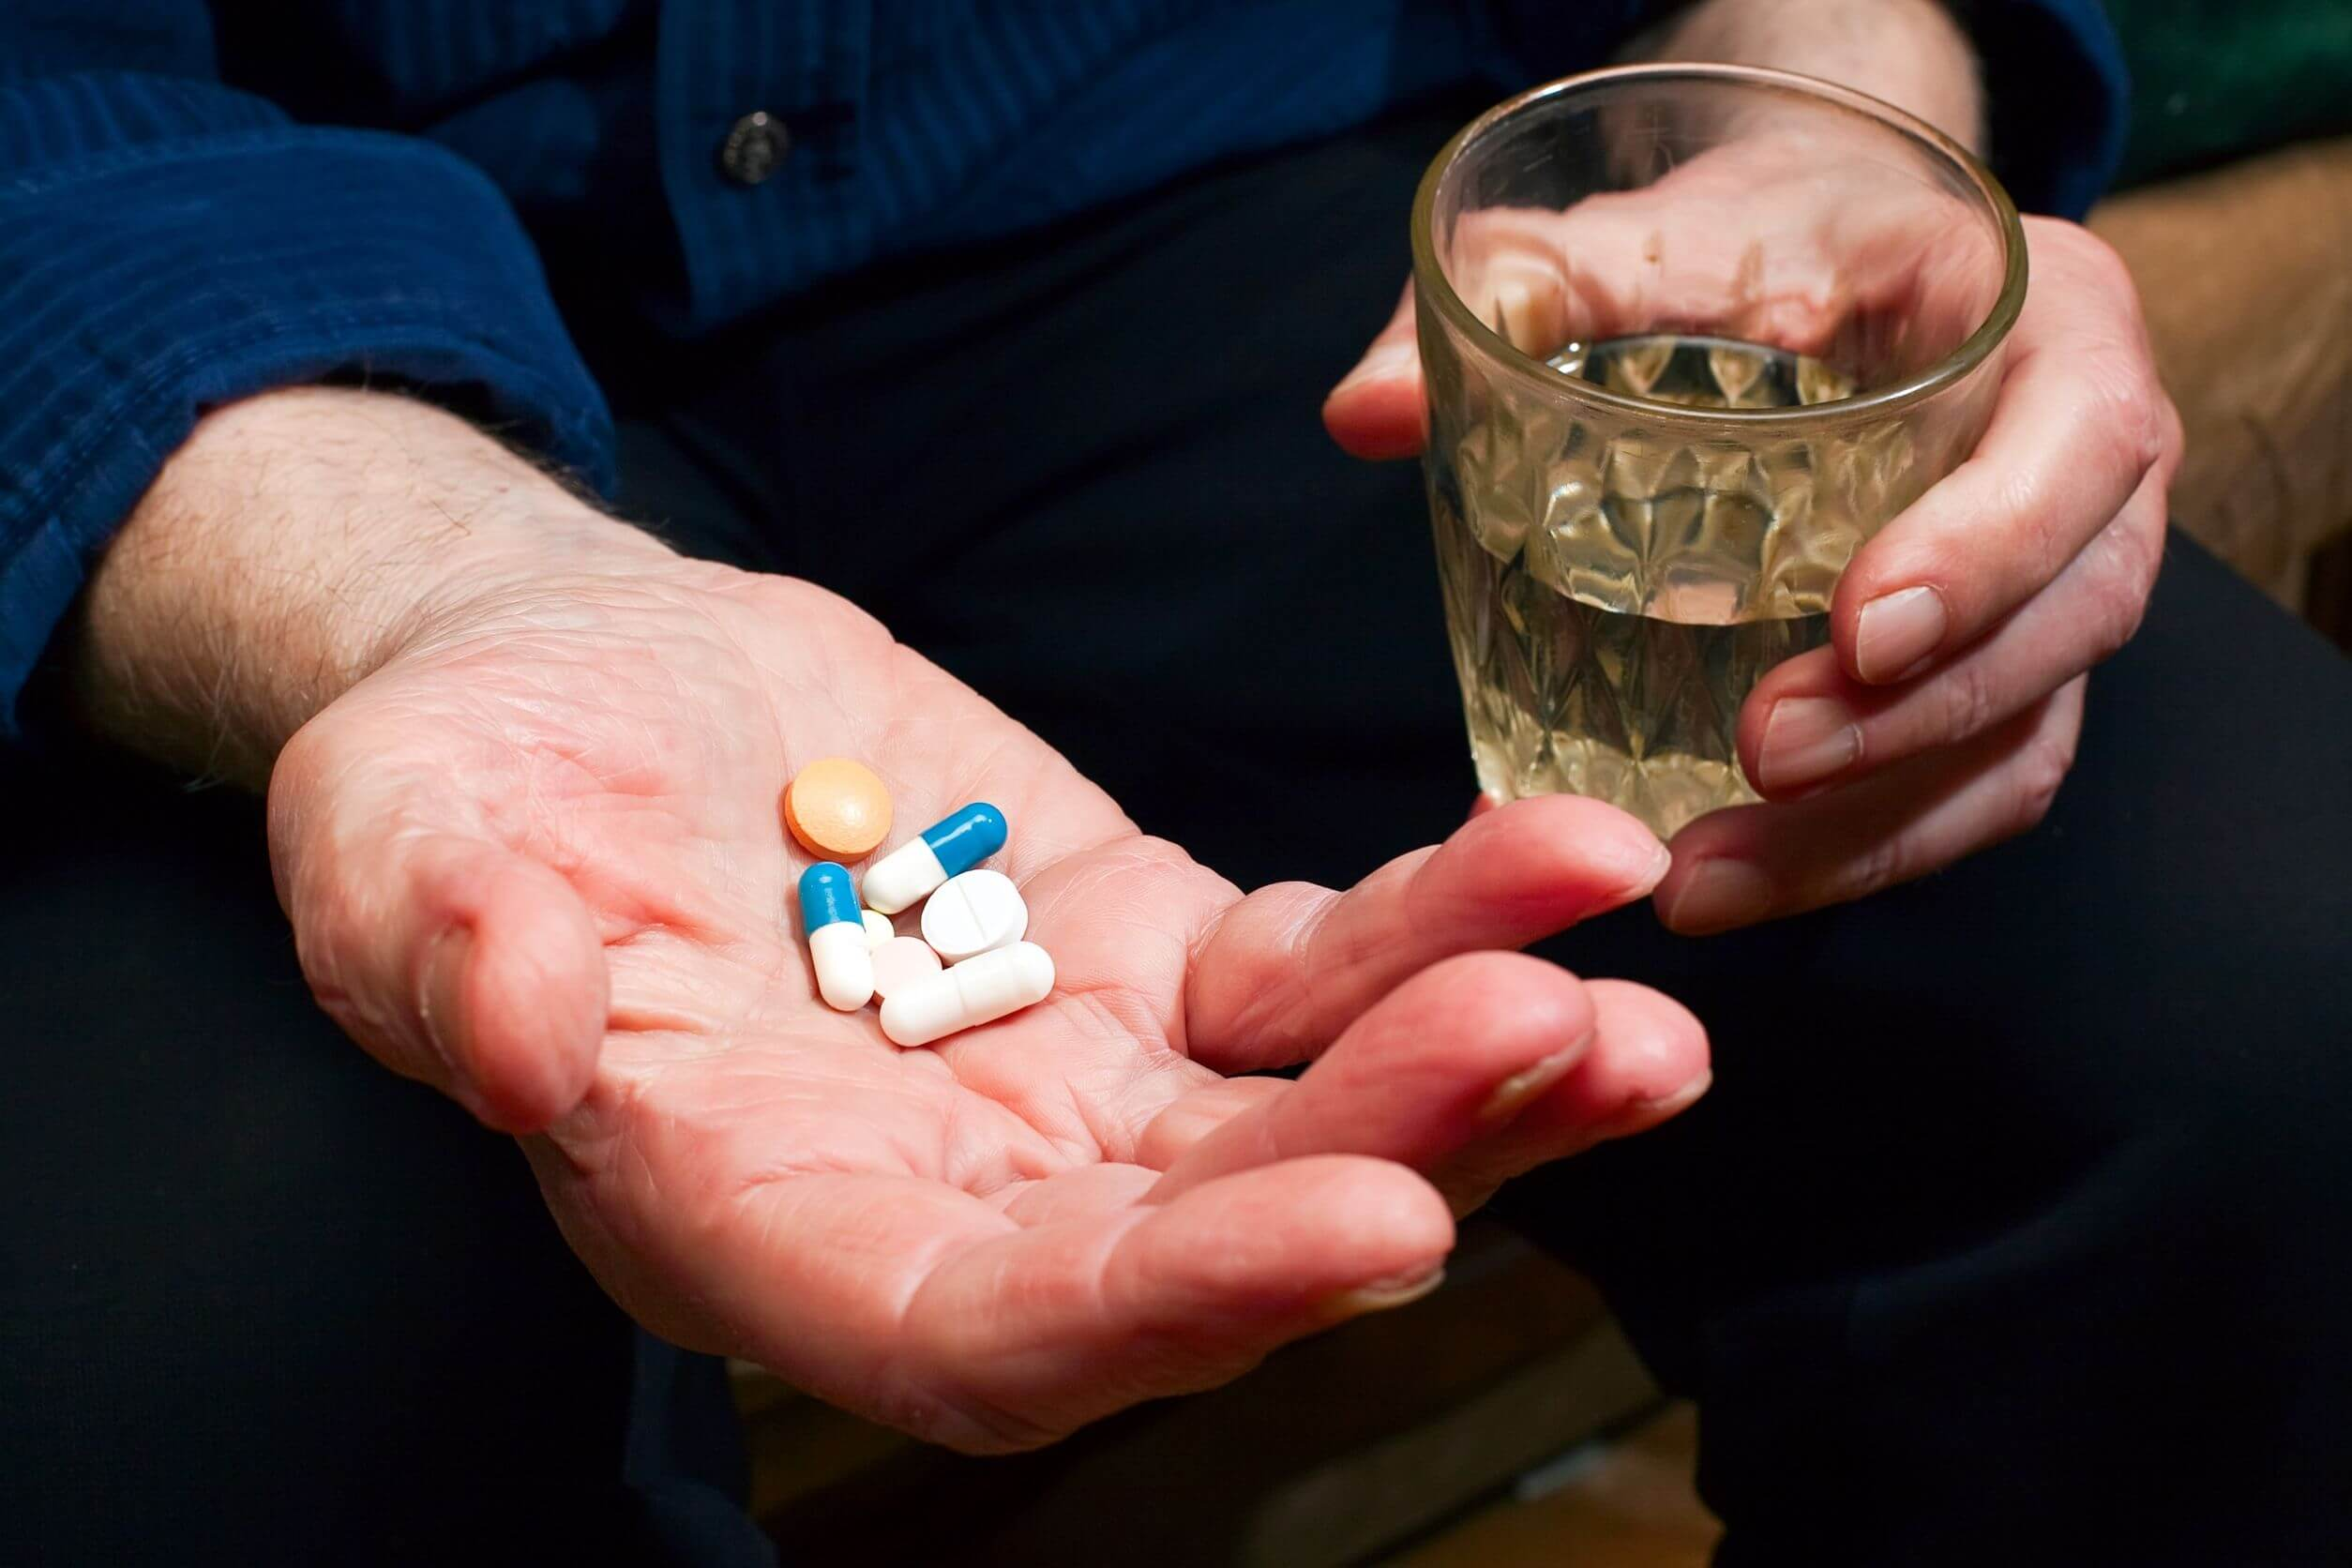 El efecto placebo se relaciona con fármacos.